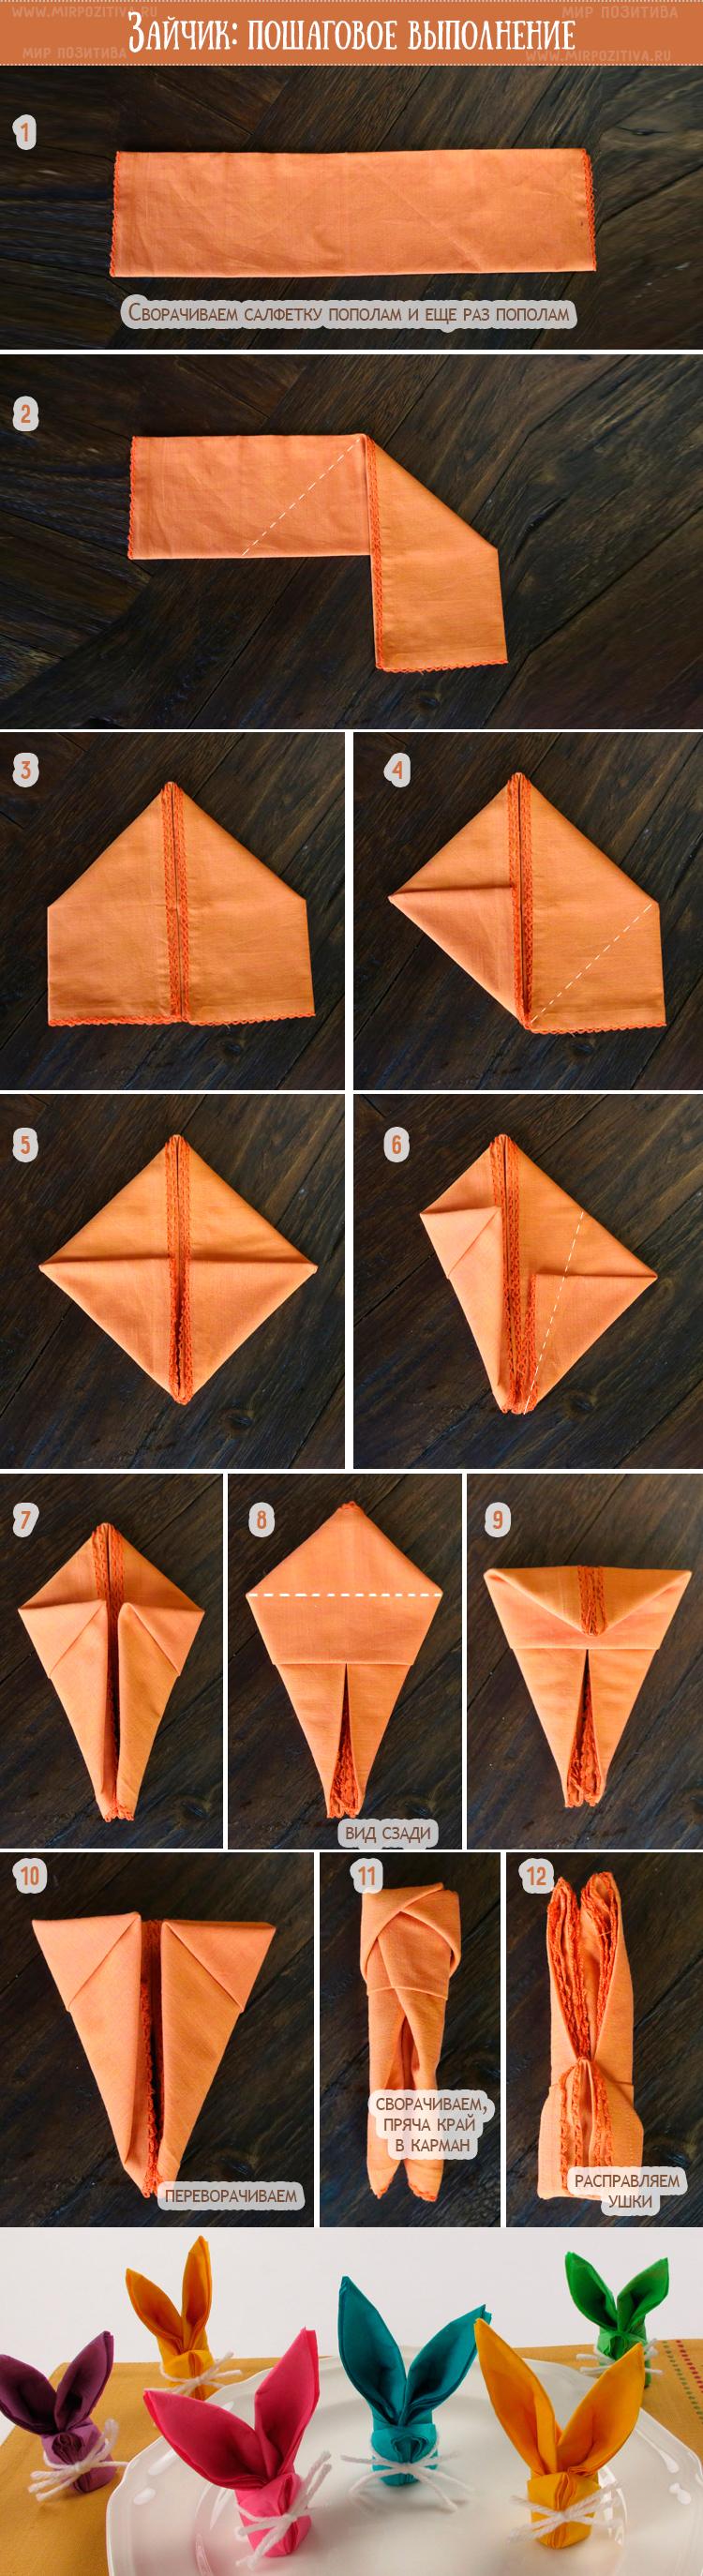 салфеточные зайчики - схема сложения по шагам